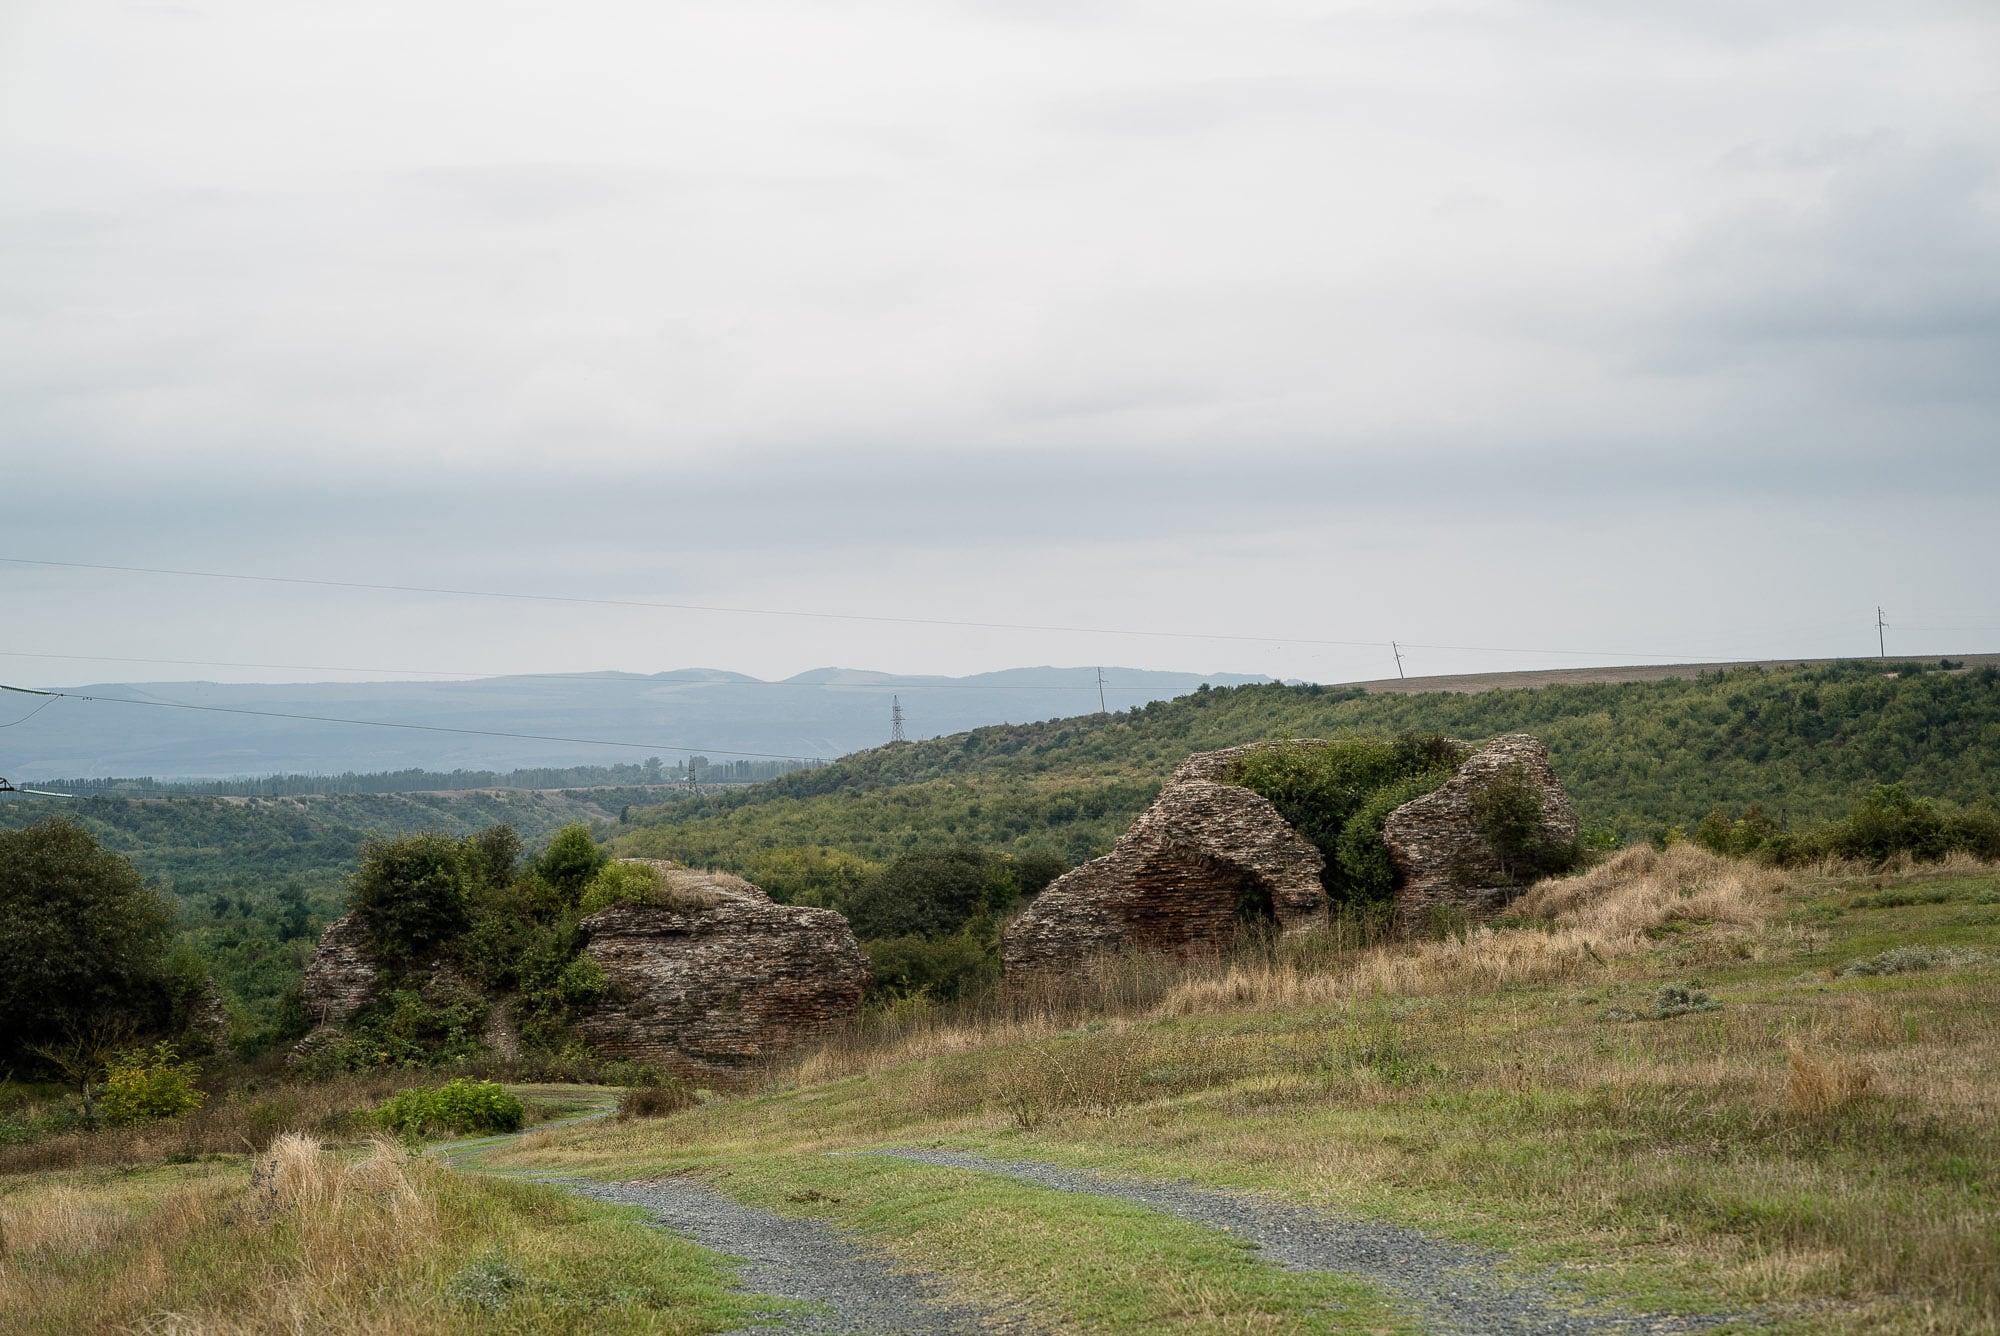 ruins of Old Gebele